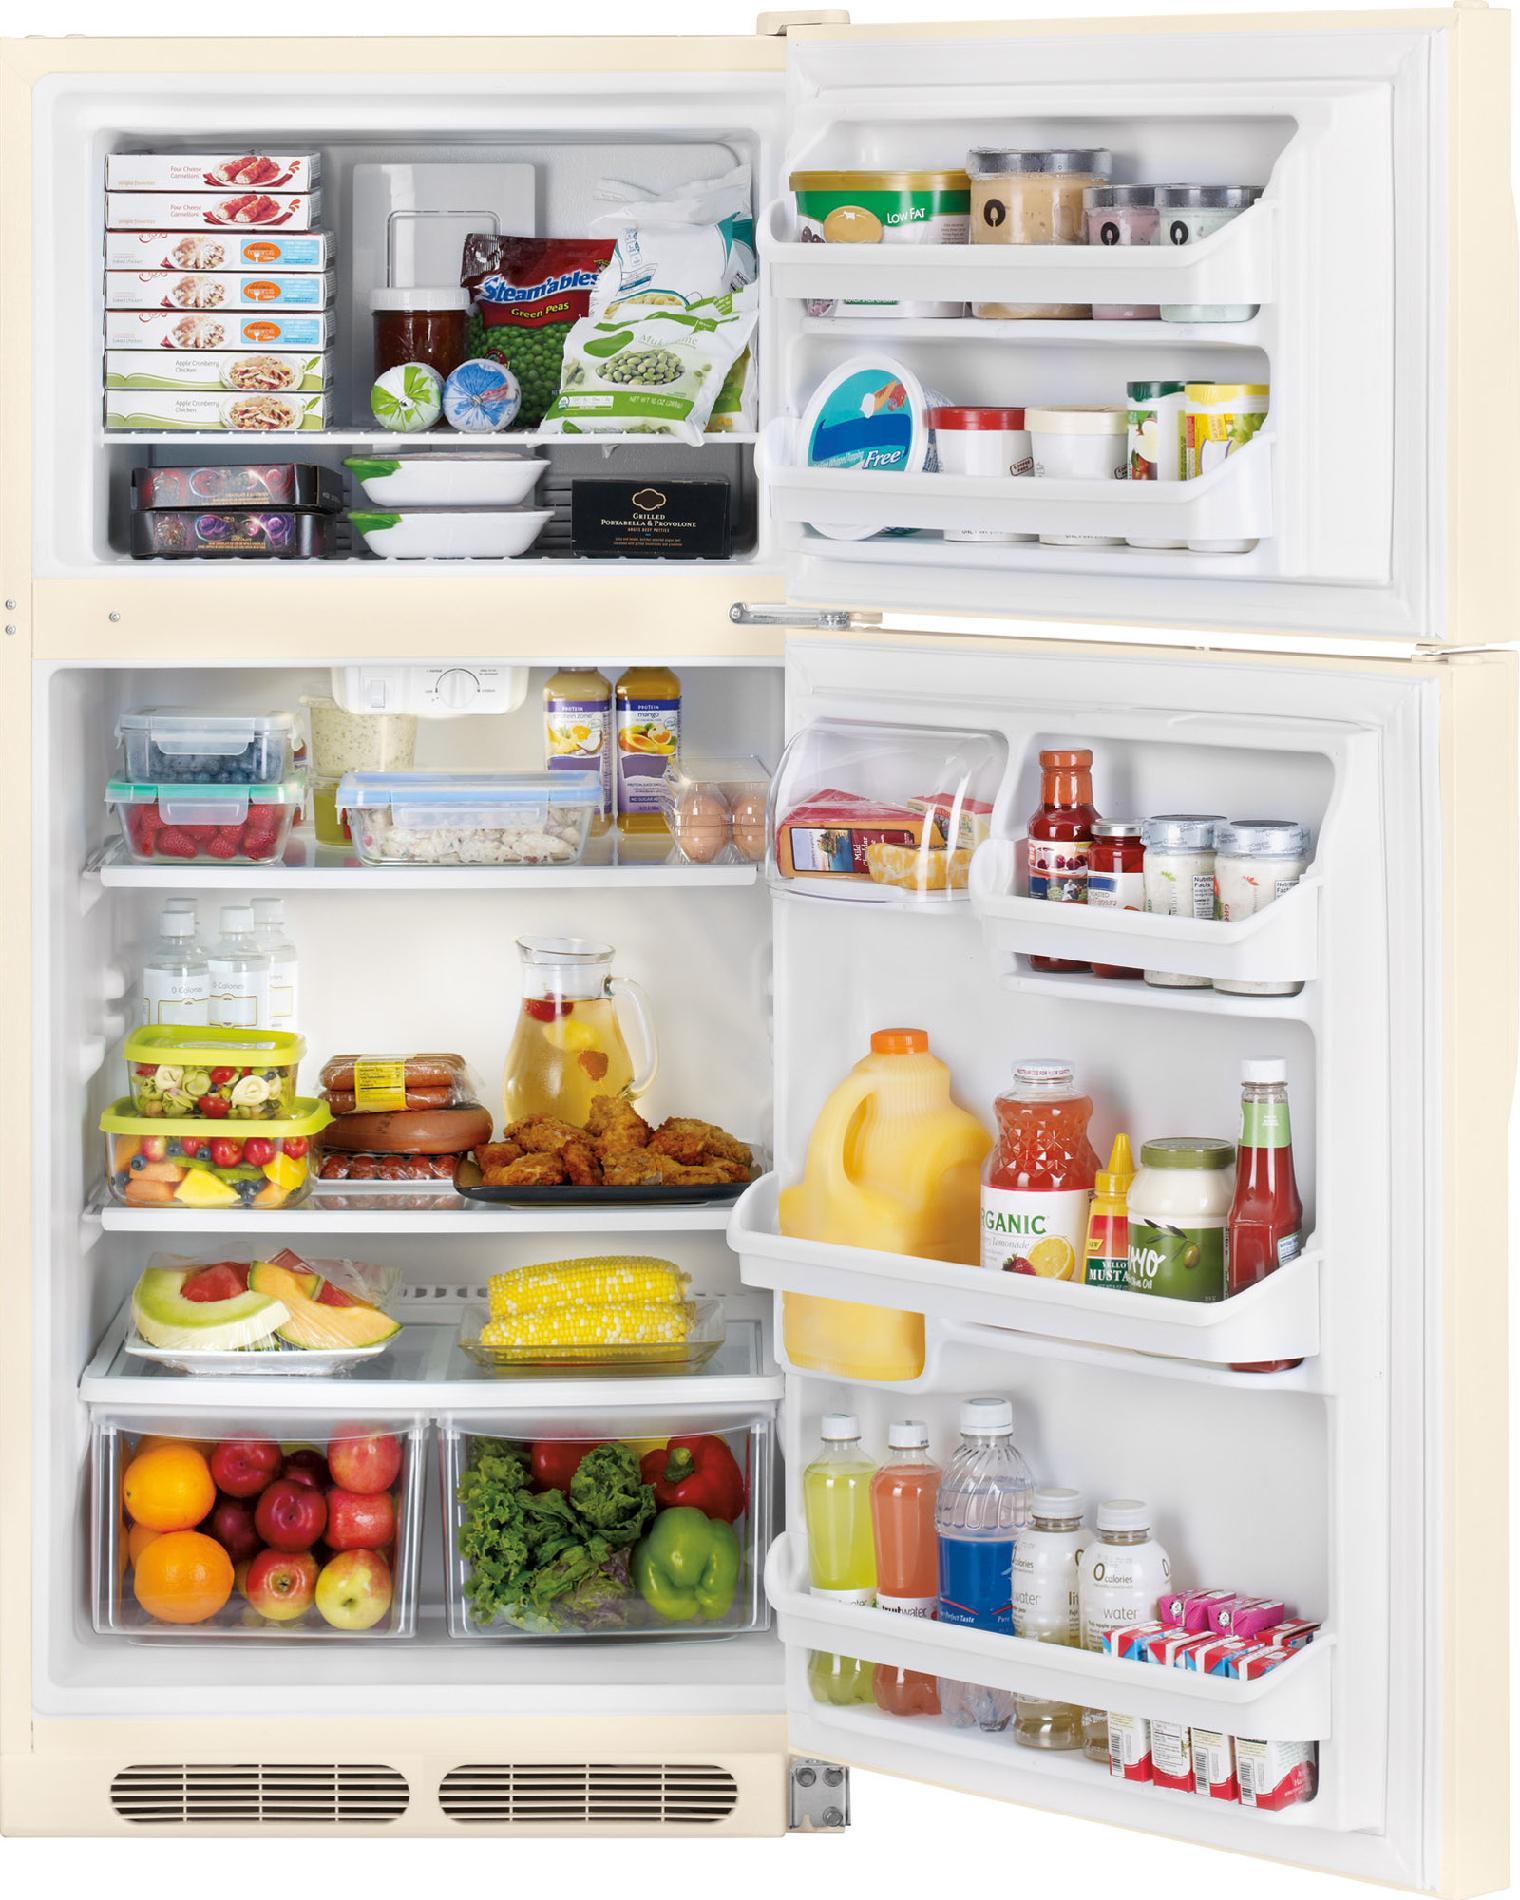 Kenmore 60304 14.5 cu. ft. Top Freezer Refrigerator - Bisque